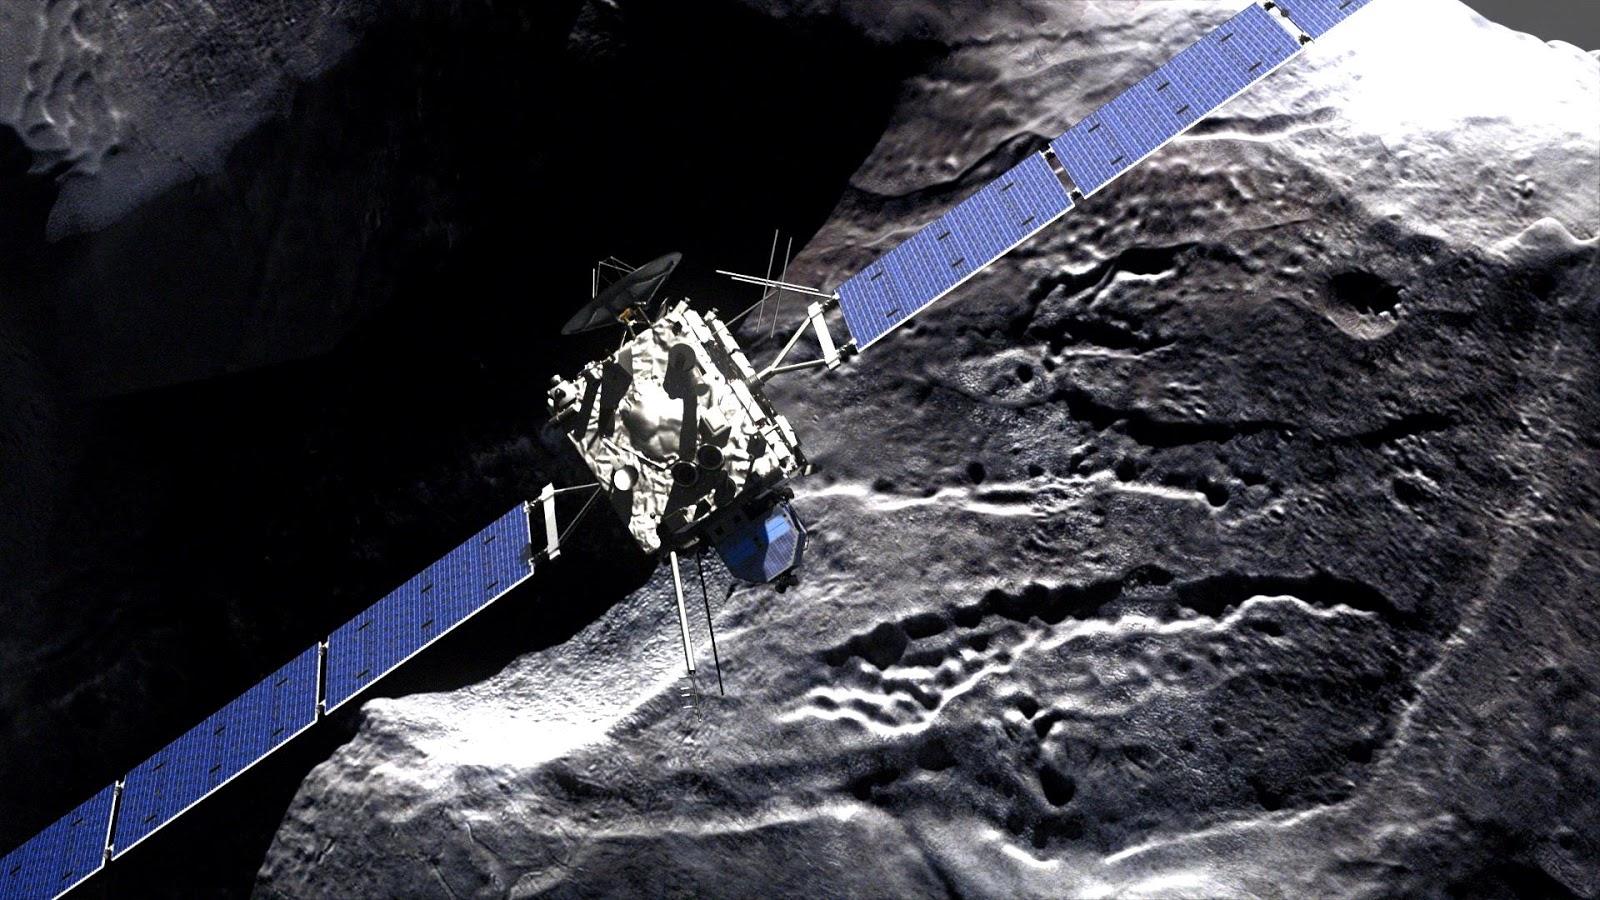 """Hình minh họa về phi thuyền Rosetta trong phim """"Chasing A Comet – The Rosetta Mission""""."""